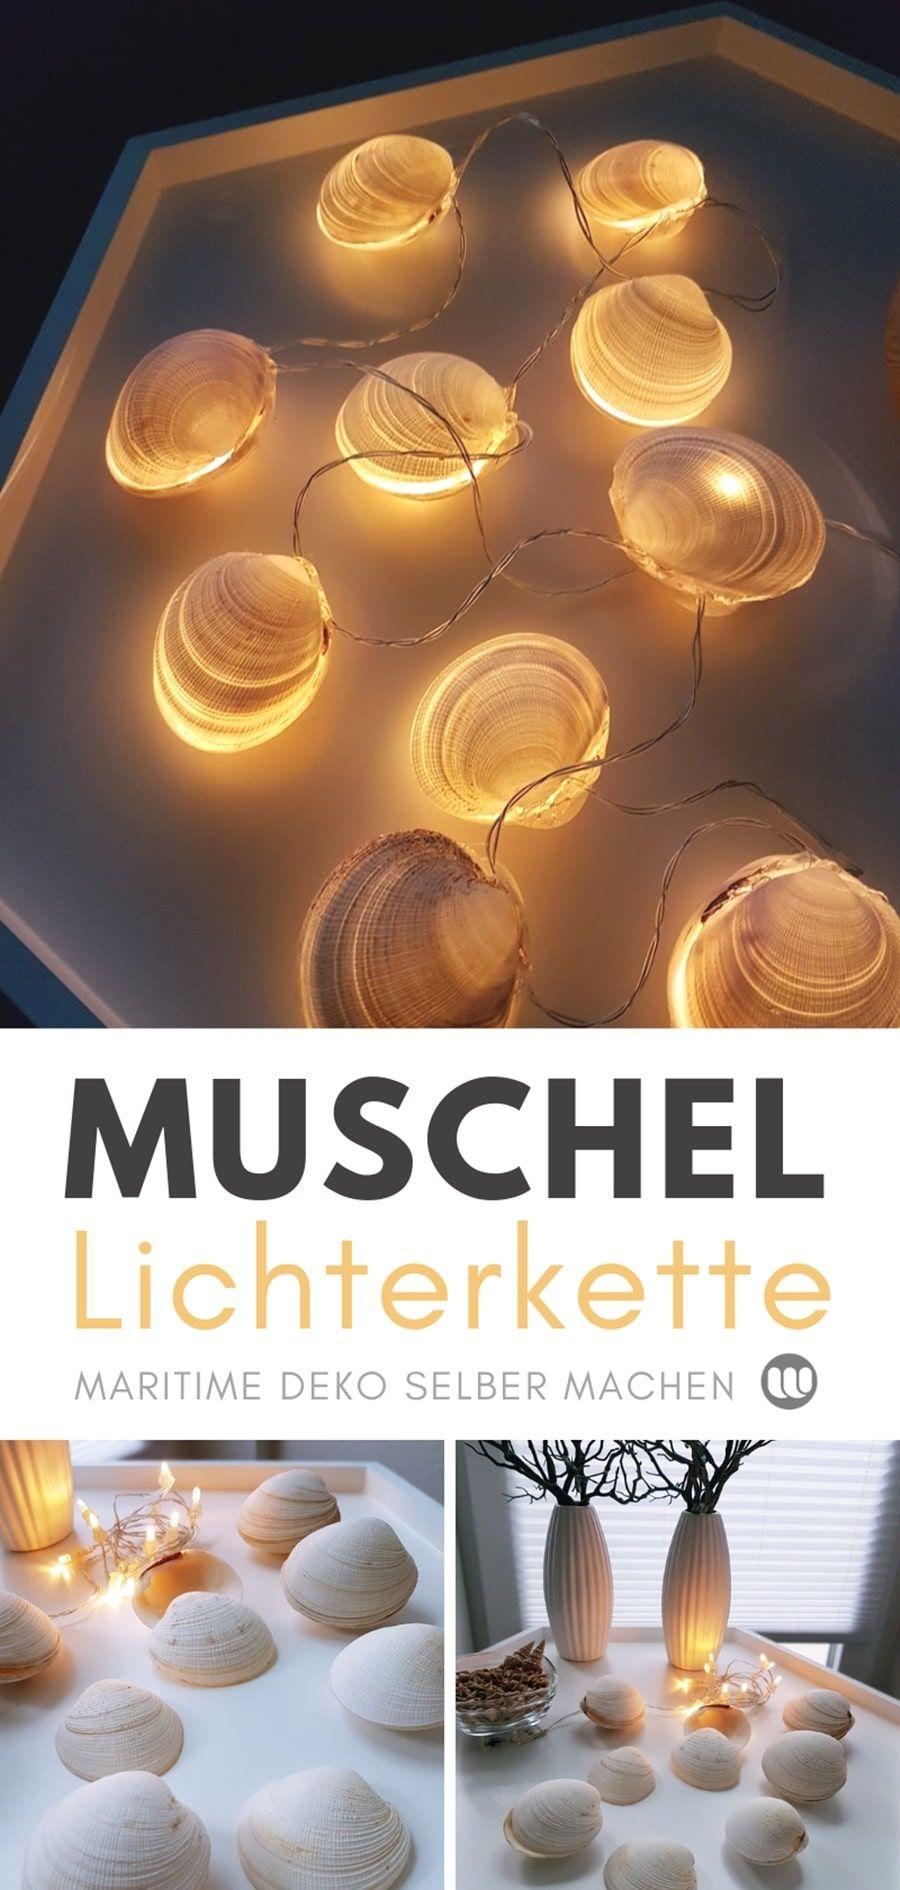 Muschel-Lichterkette selber machen: Basteln mit Muscheln #dekobasteln